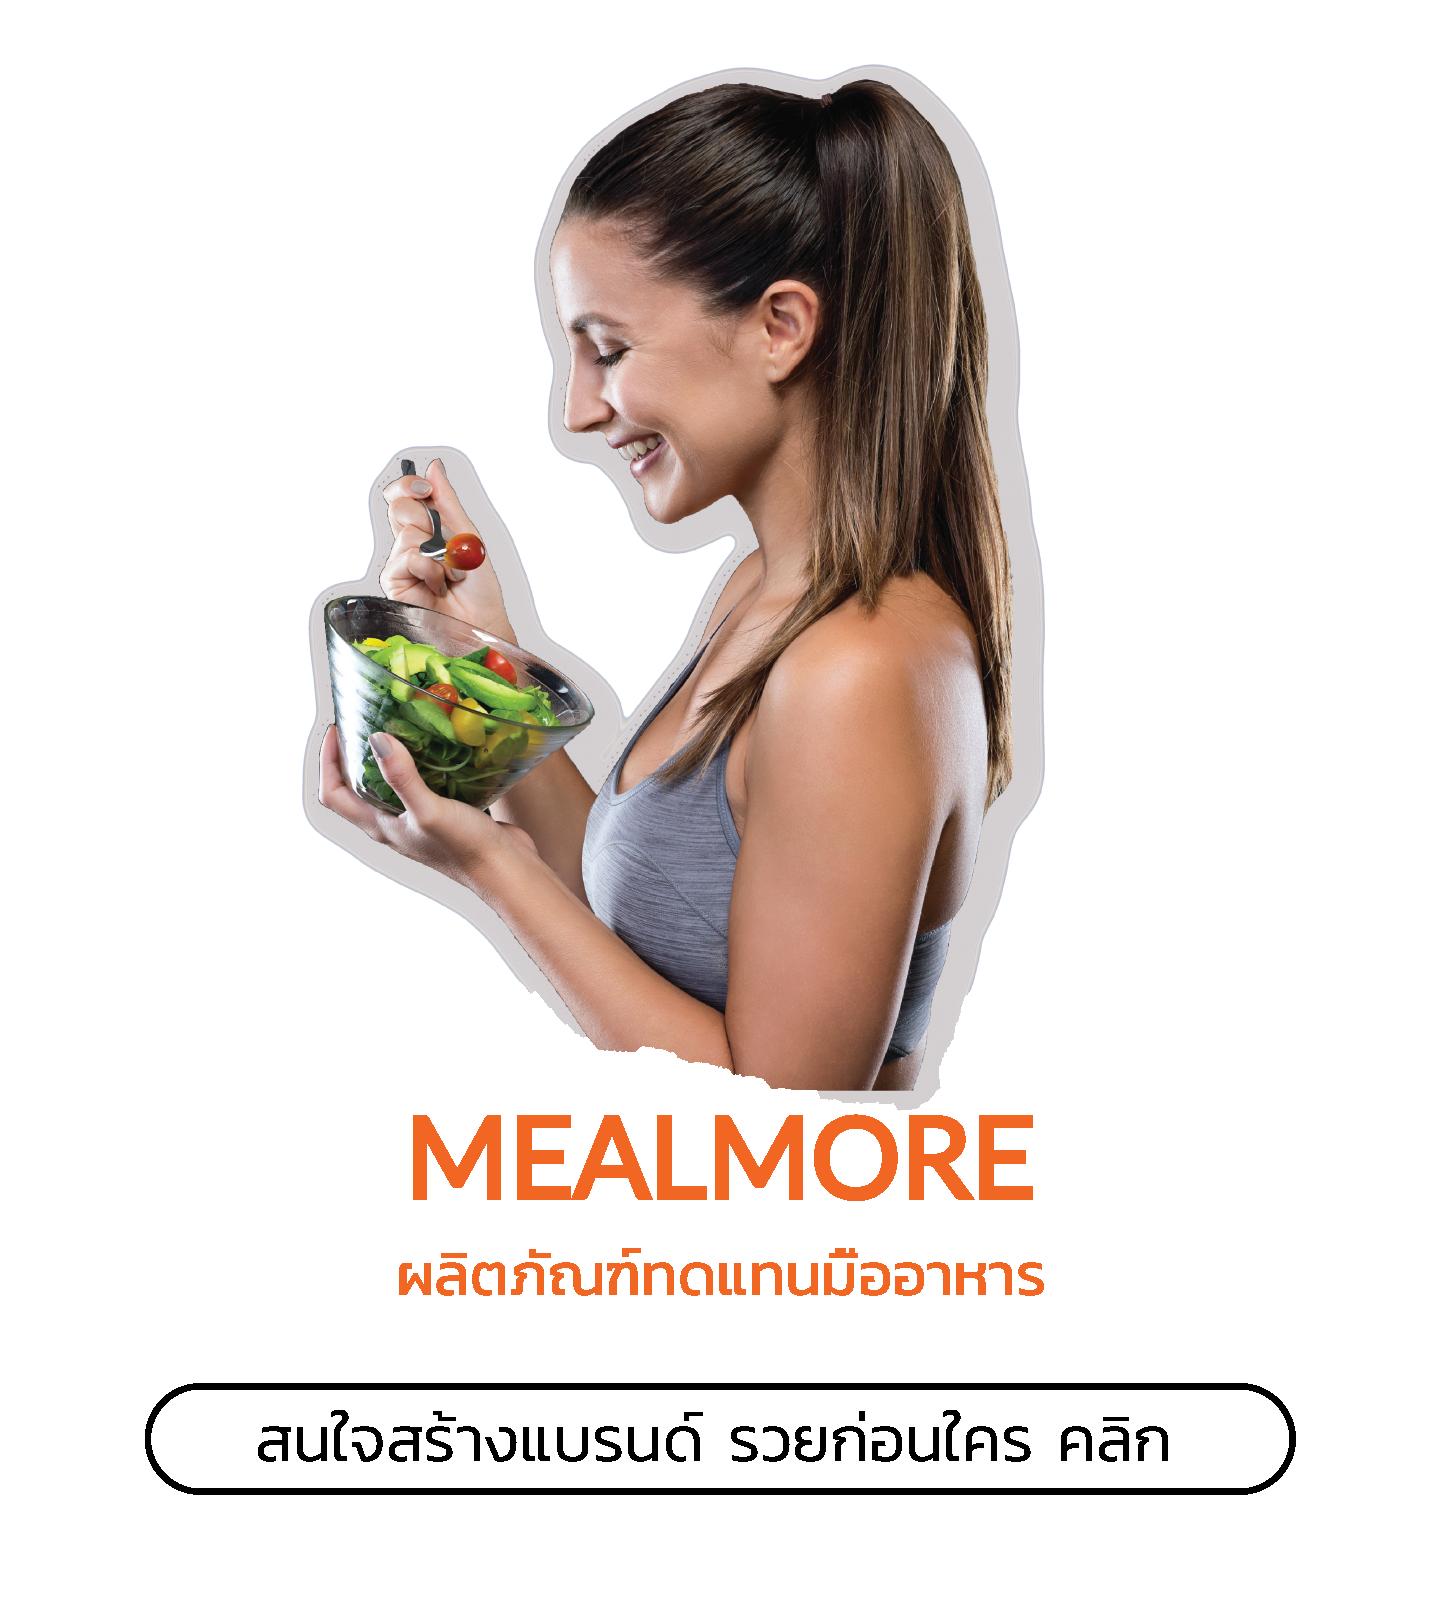 สร้างแบรนด์อาหารเสริม Mealmore รวยก่อนใคร